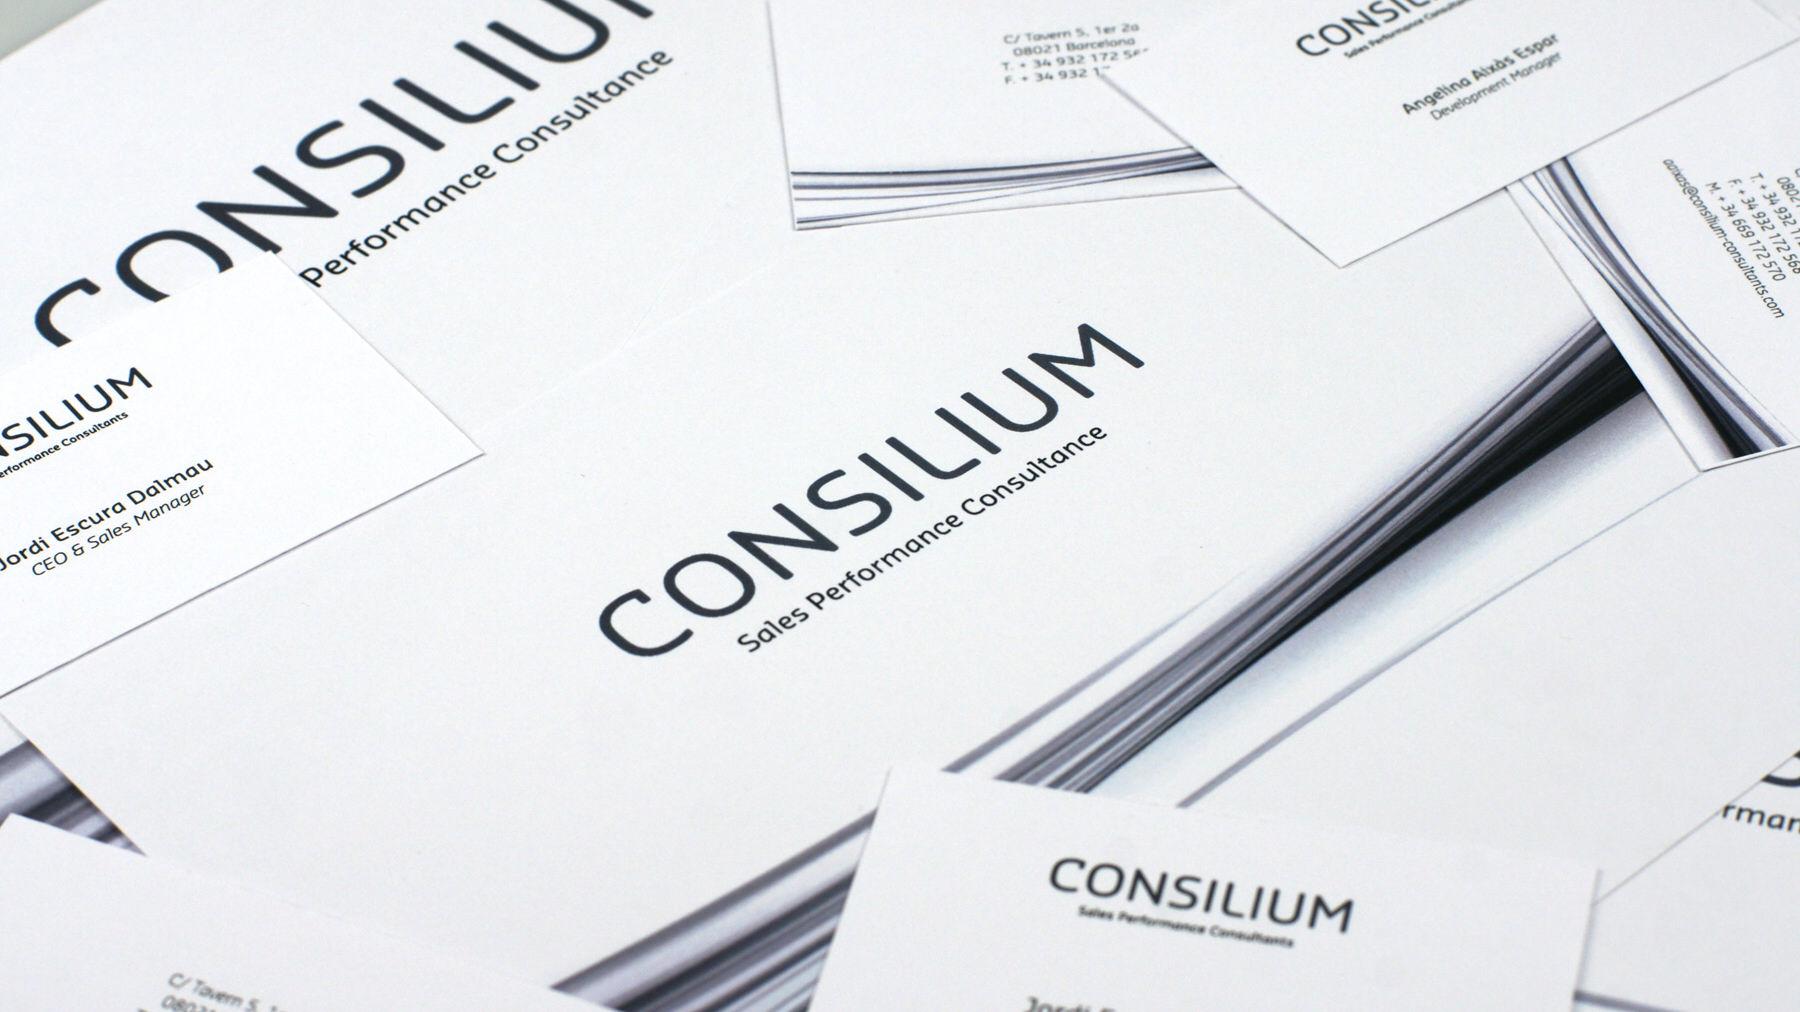 Tarjetas. Diseño identidad corporativa Consilium